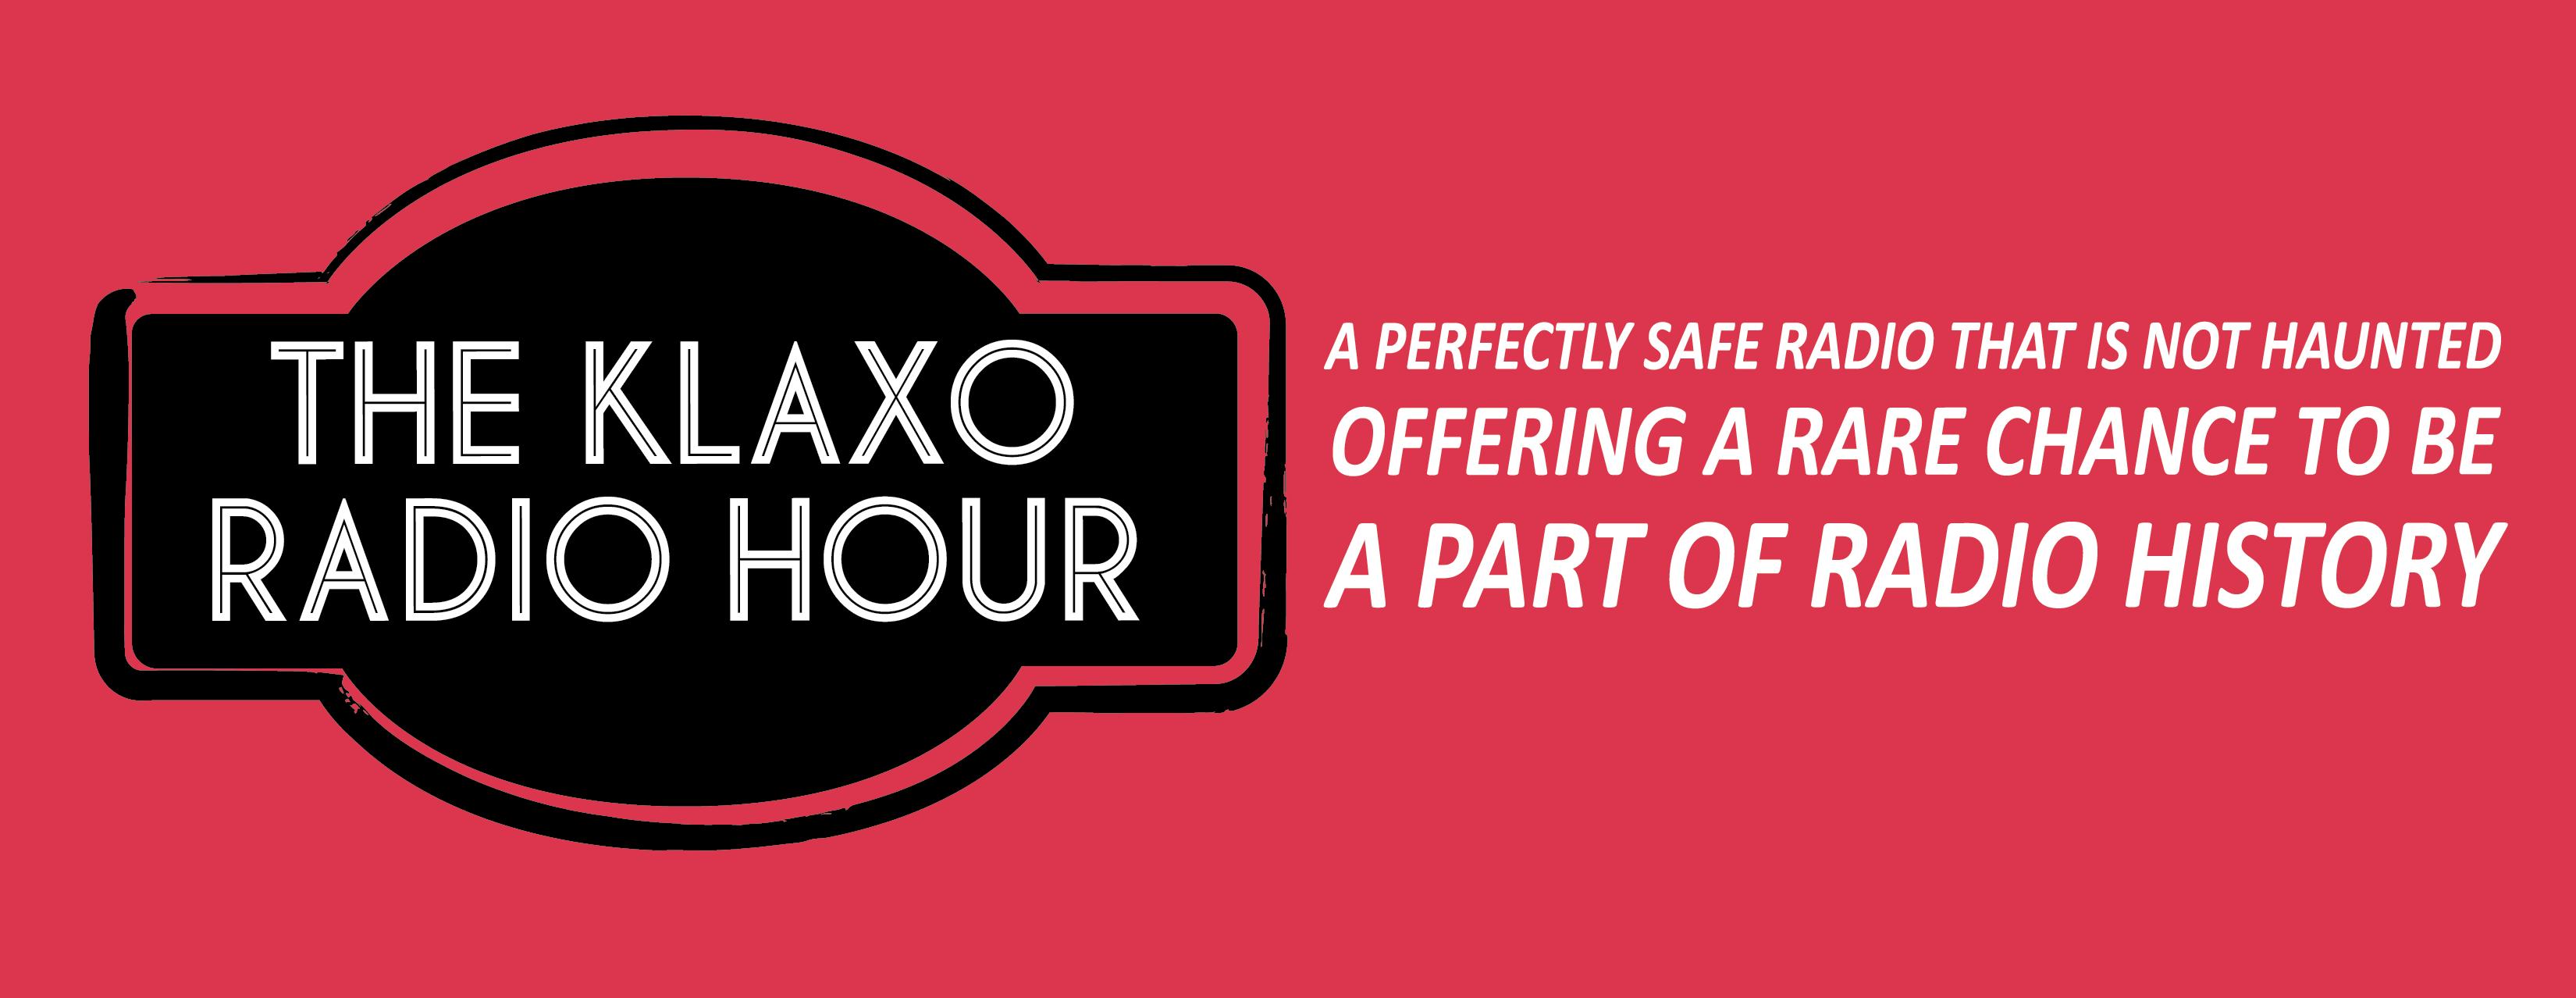 The Klaxo Radio Hour